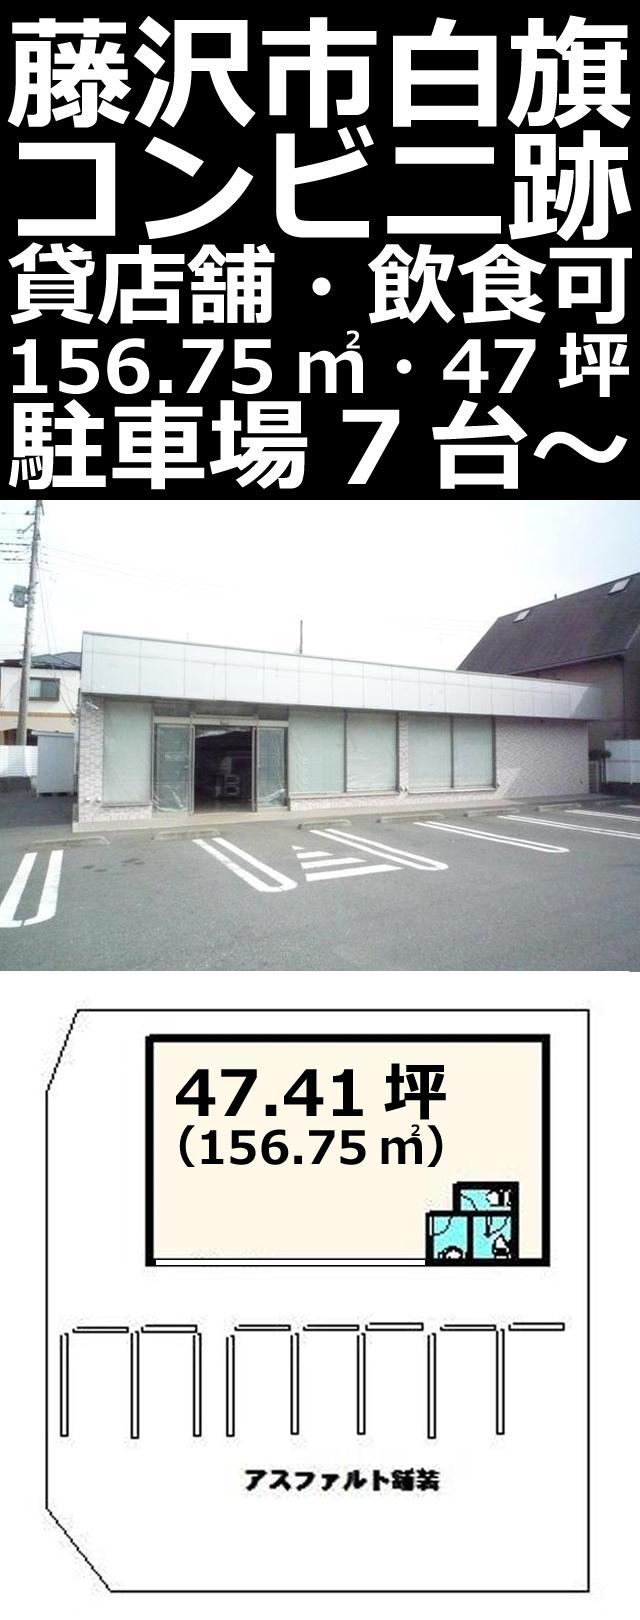 ■物件番号T5219 コンビニ跡の貸店舗入荷!藤沢市白旗!467号至近!P7台付!47坪!